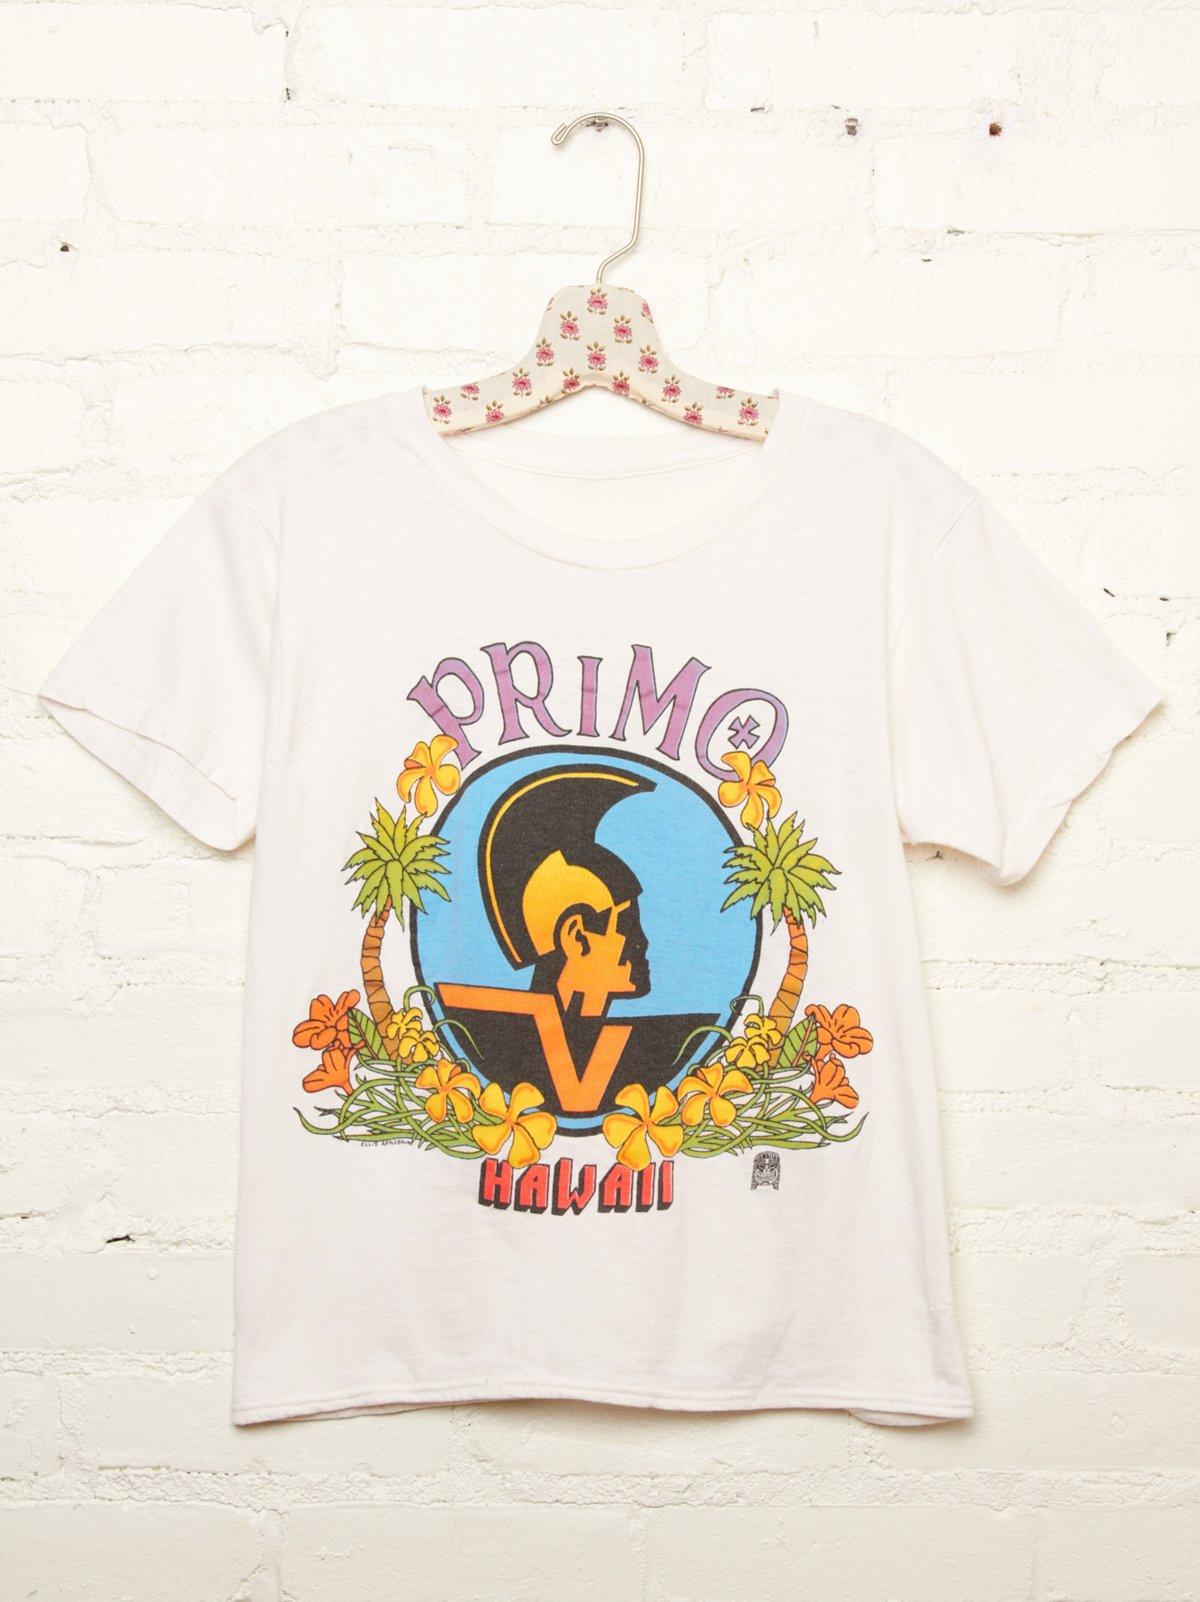 Vintage Primo Hawaii Tee